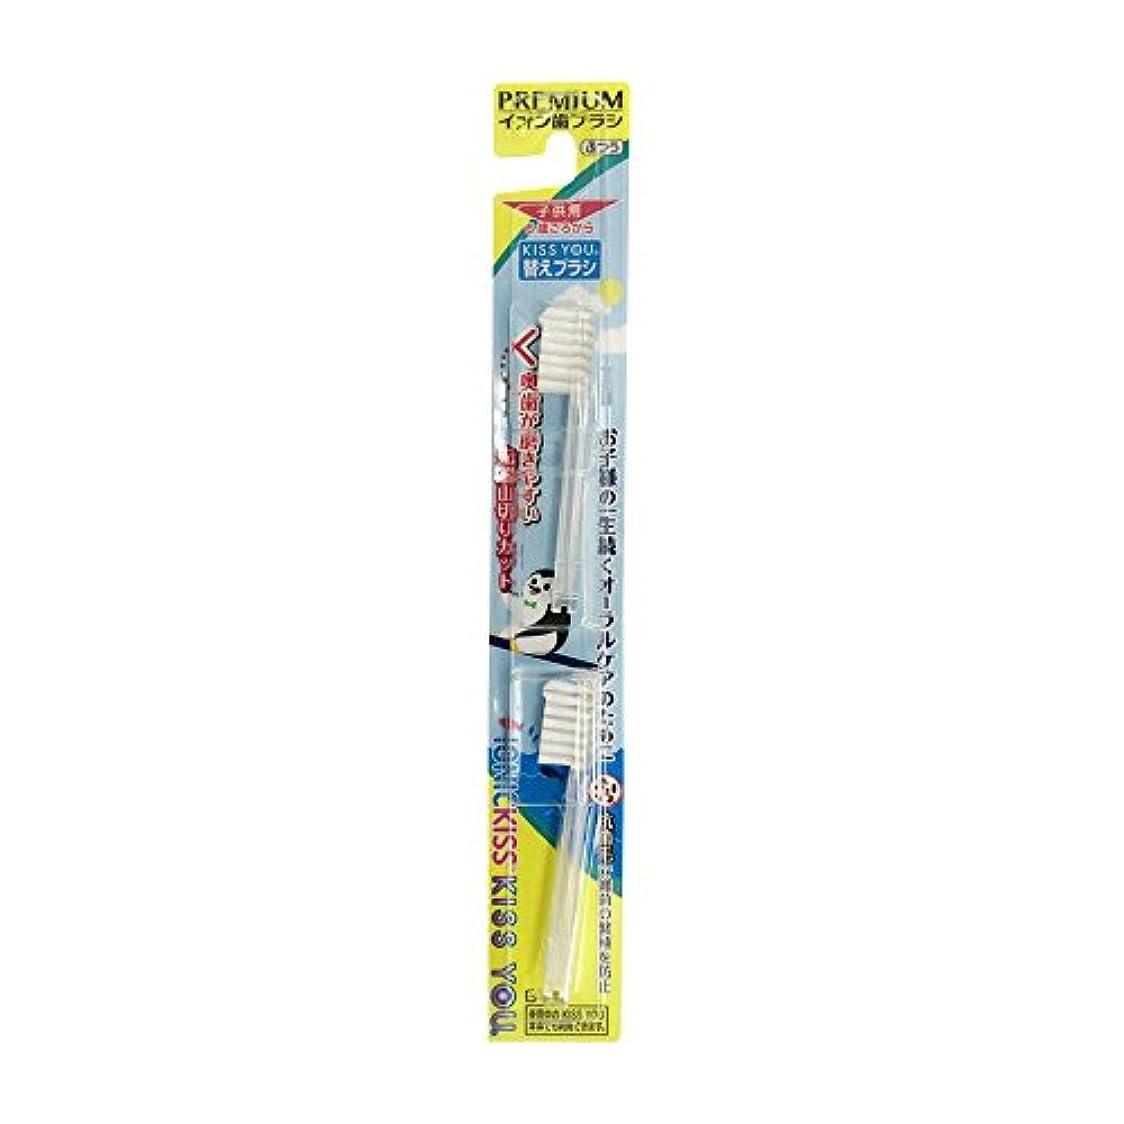 工夫するデータム感じスマート キスユー 子供歯ブラシ 替えブラシ 2P (2本)